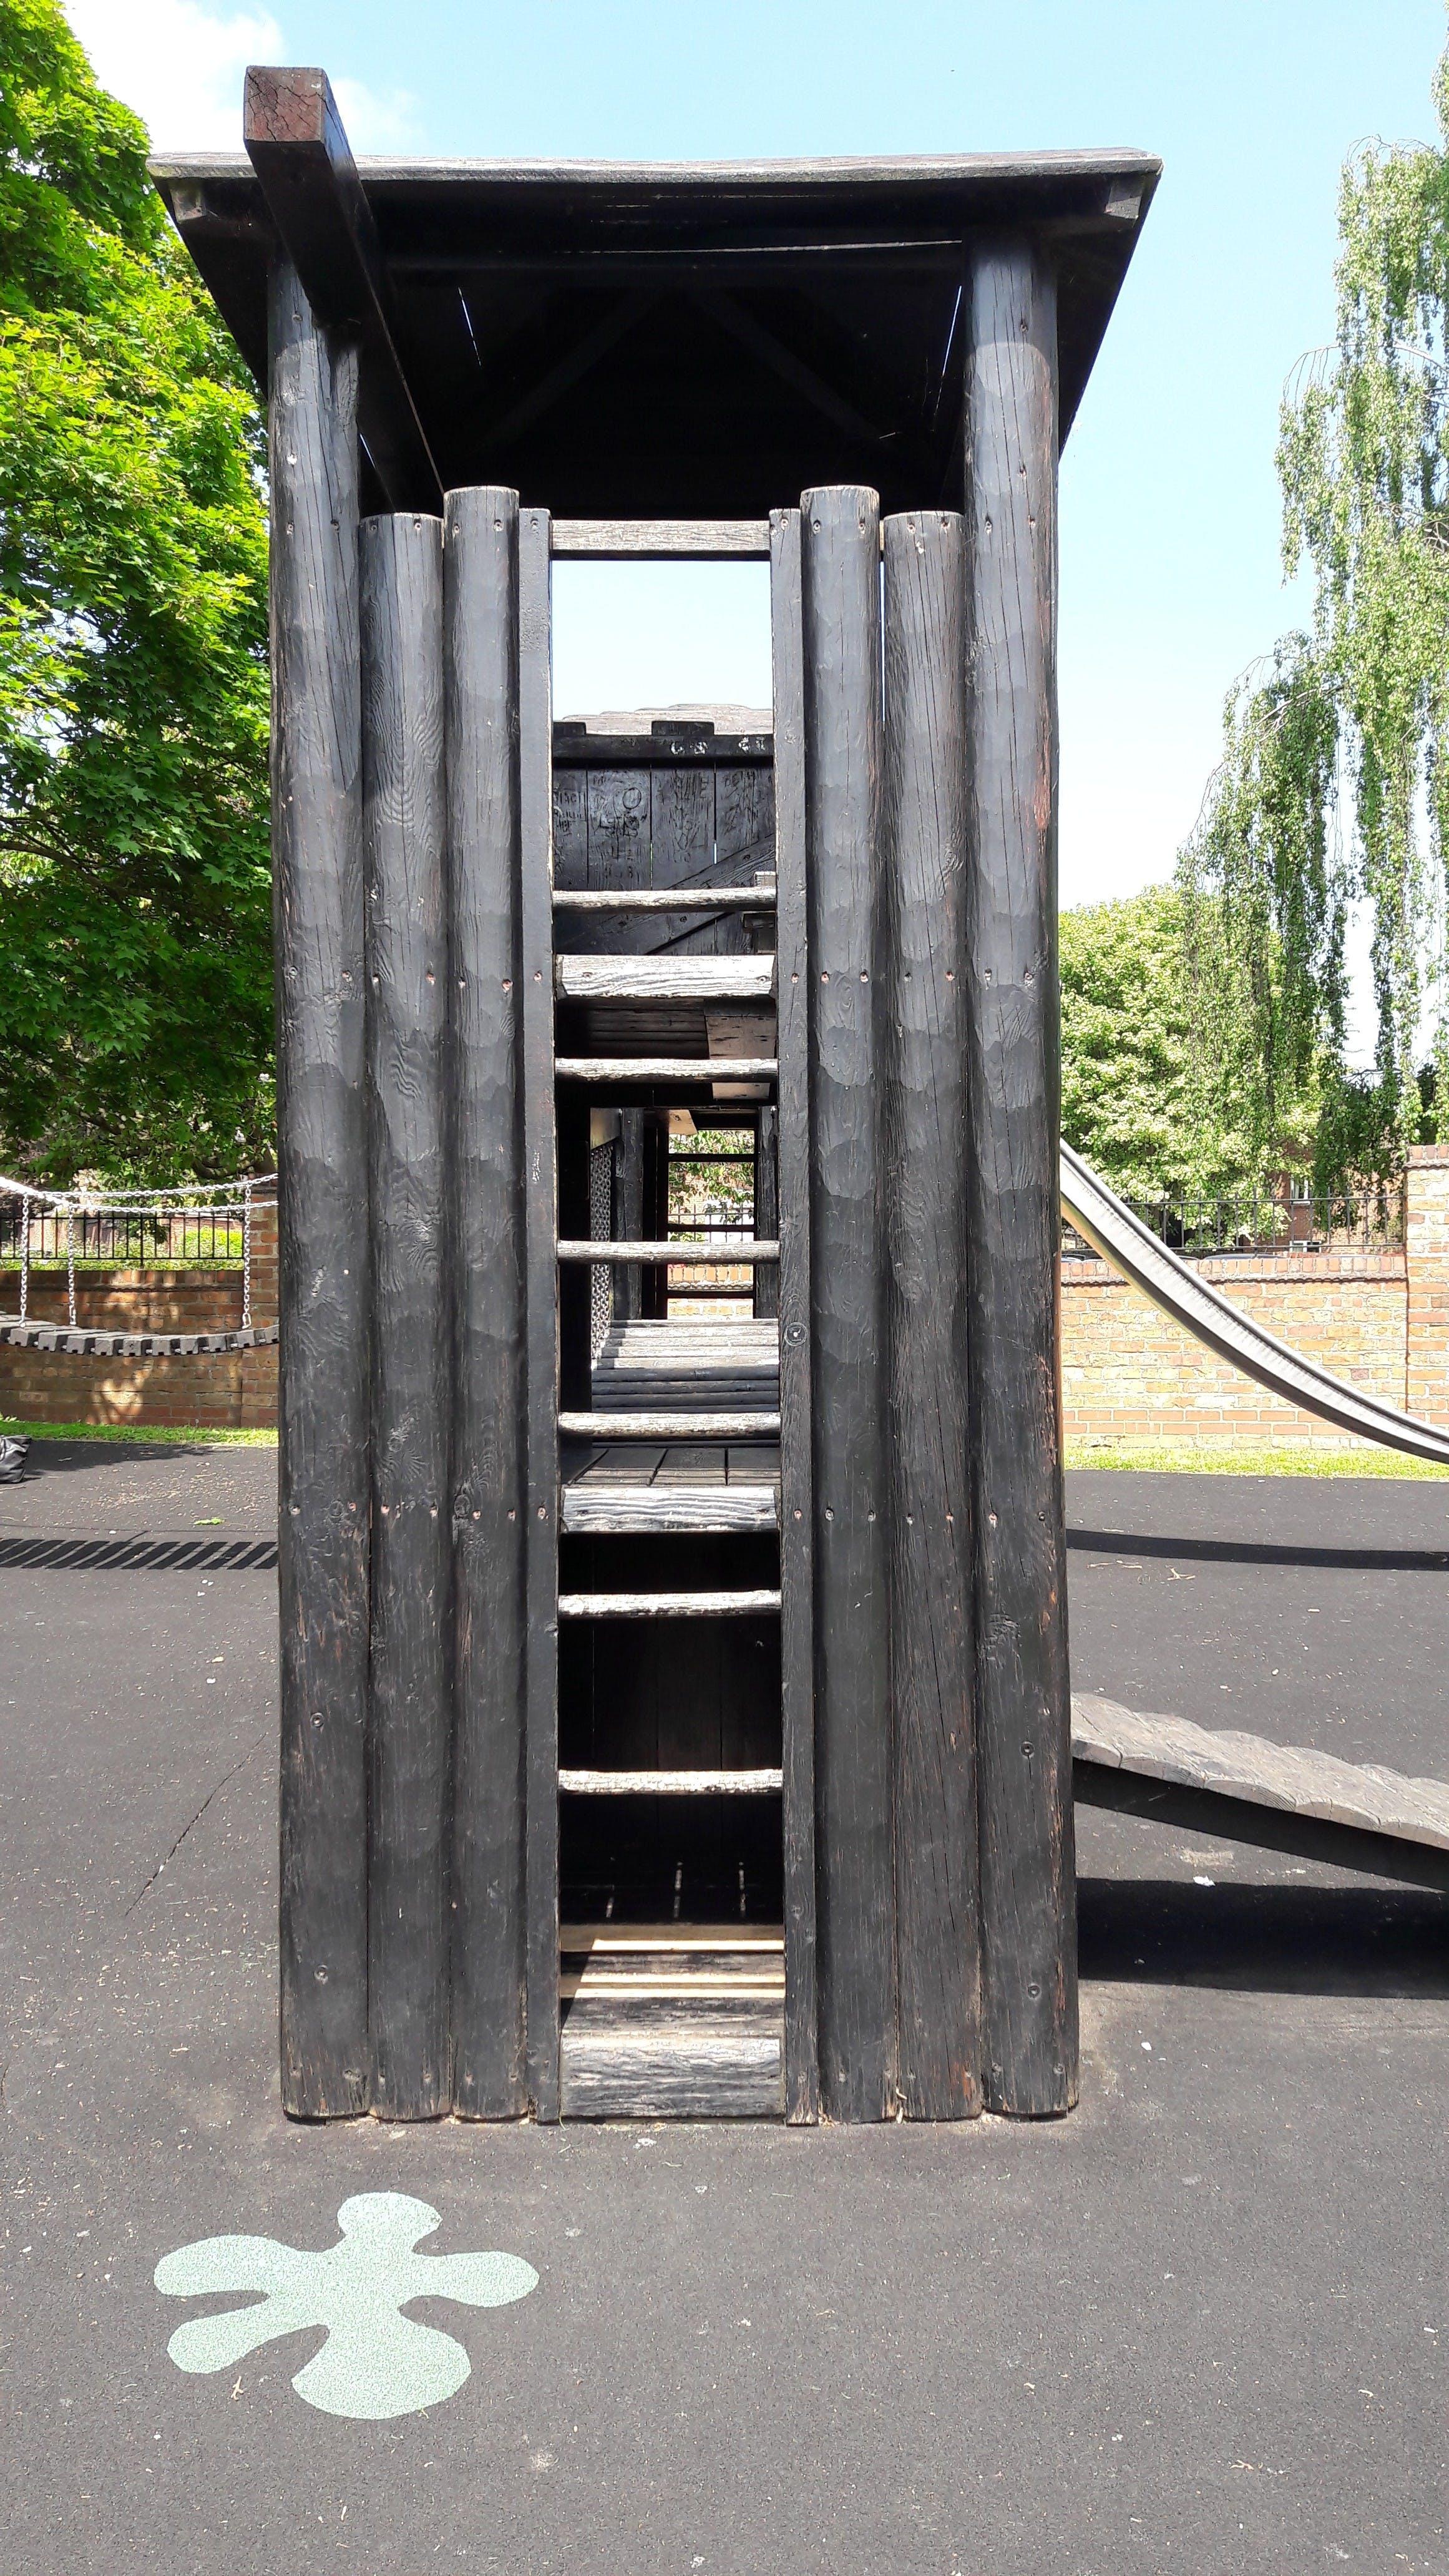 Free stock photo of playground, tower